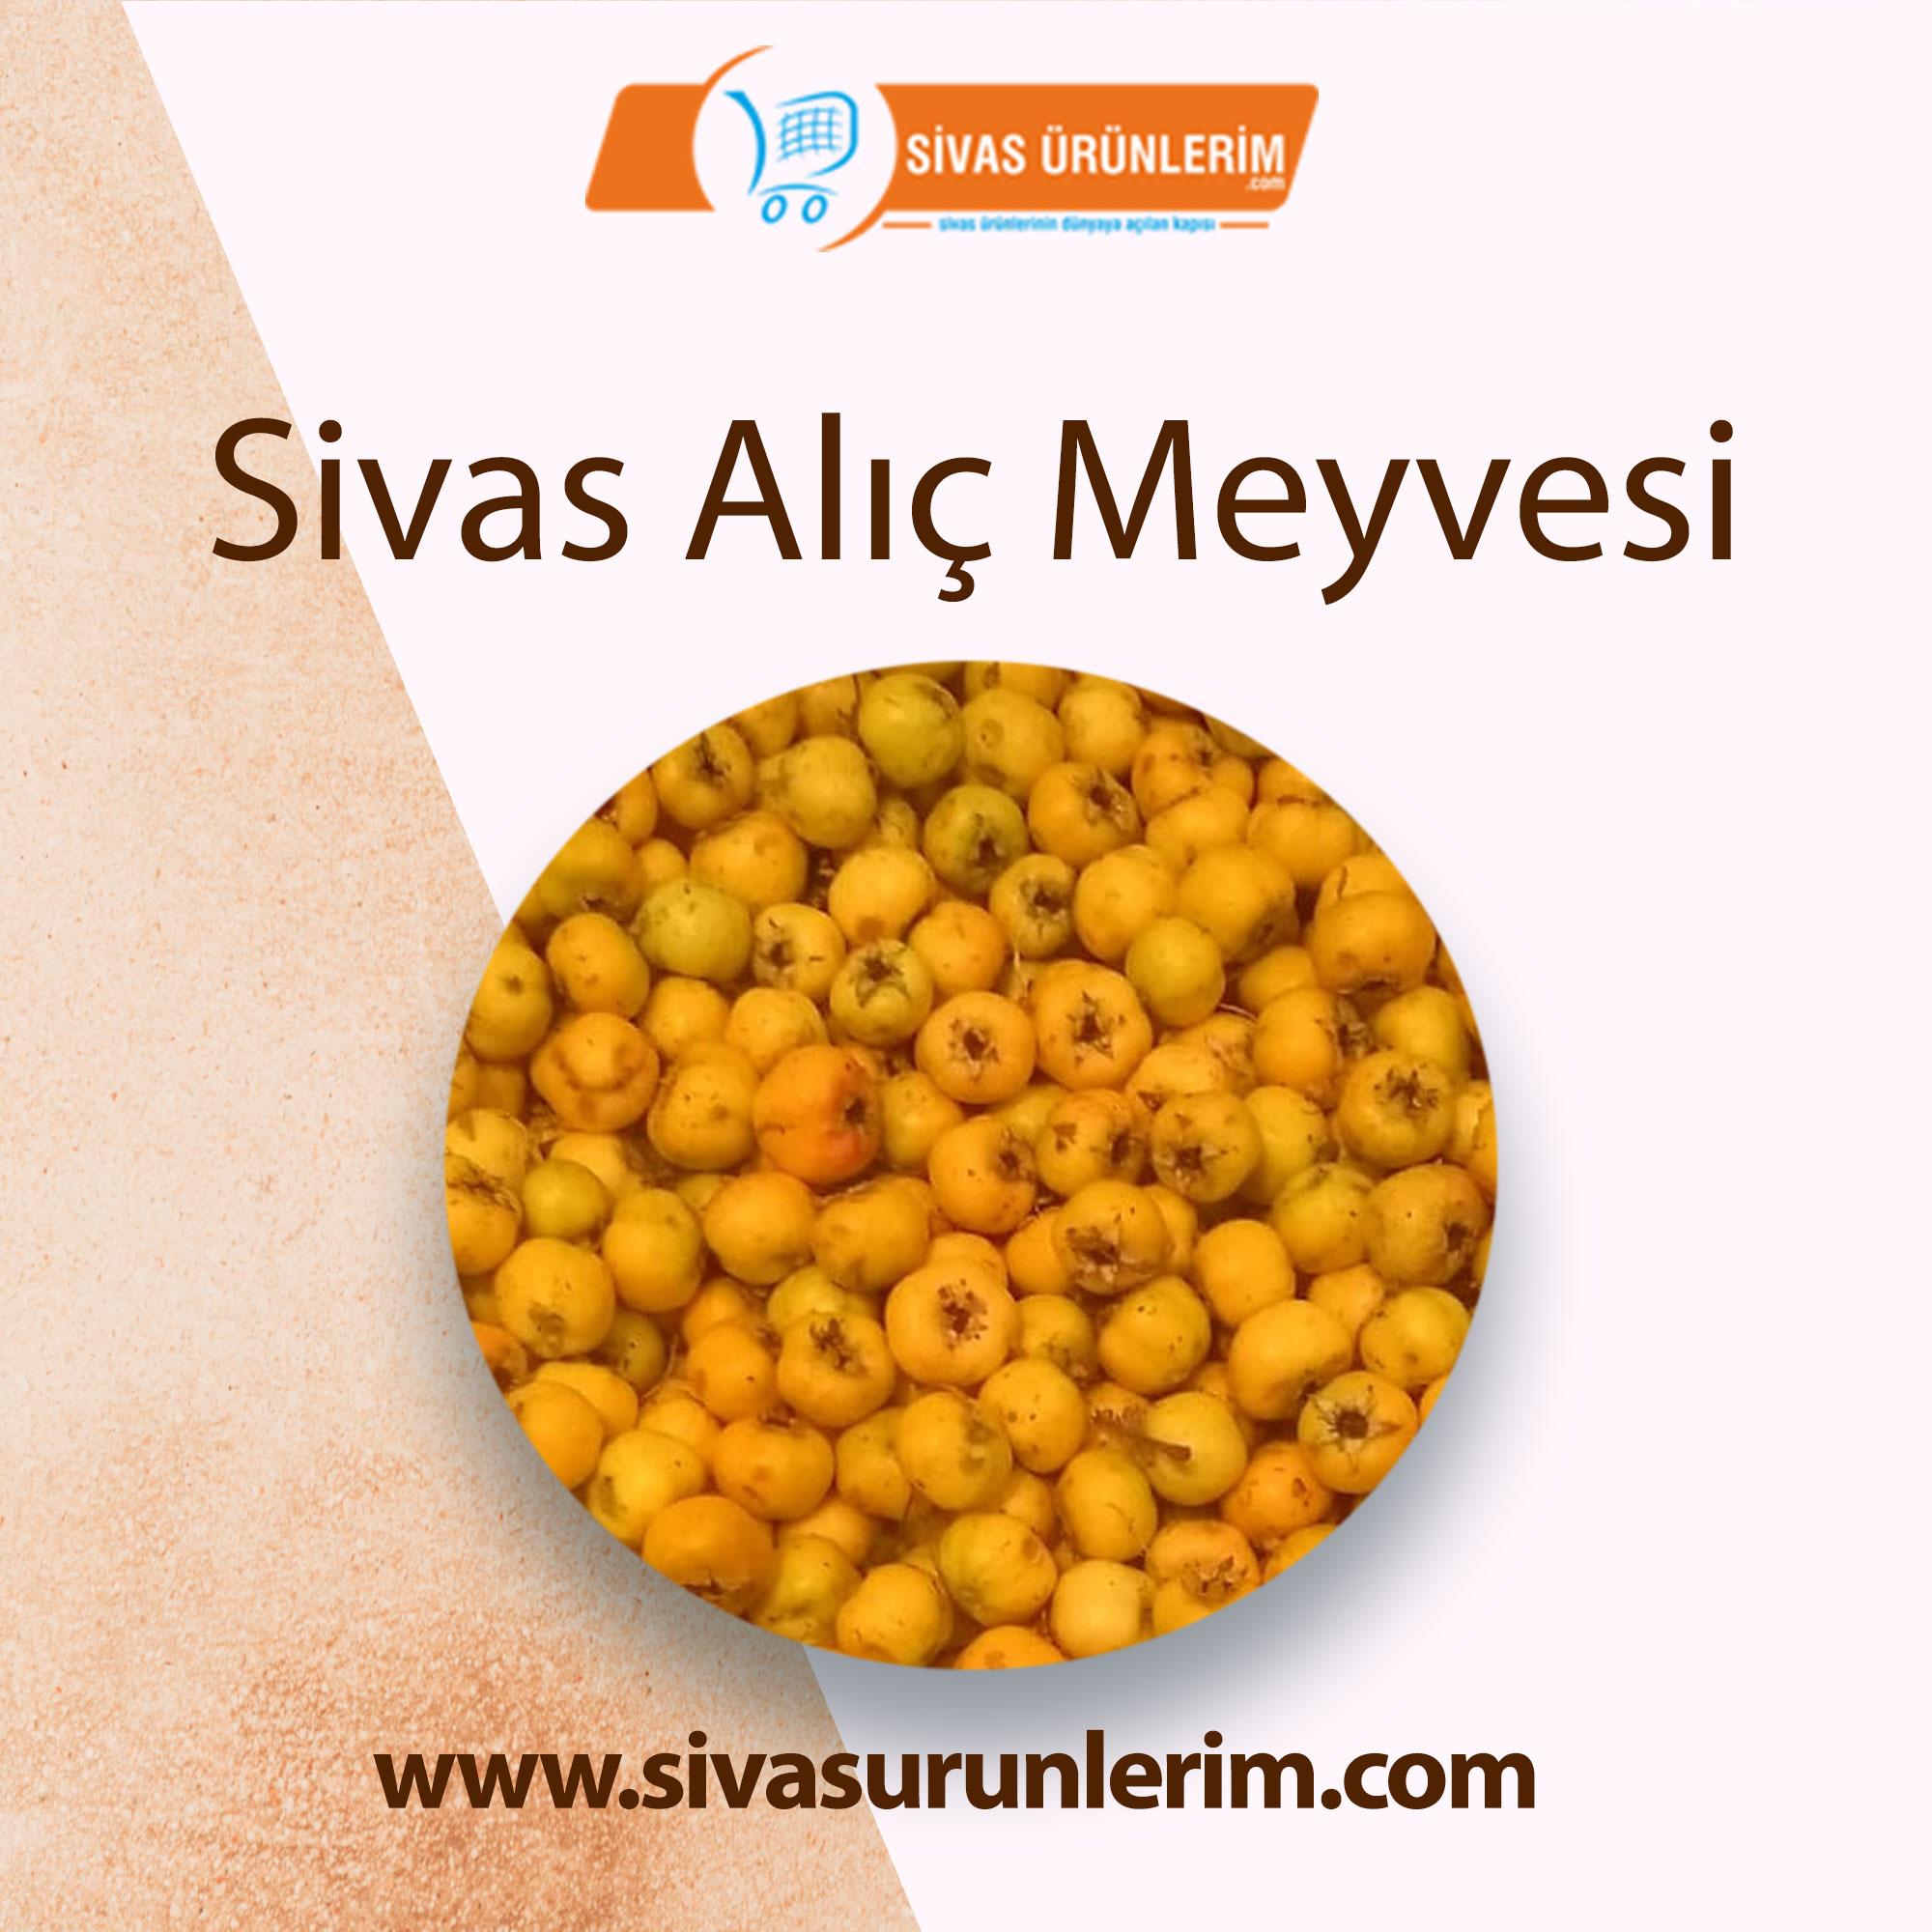 Sivas Alıç Meyvesi